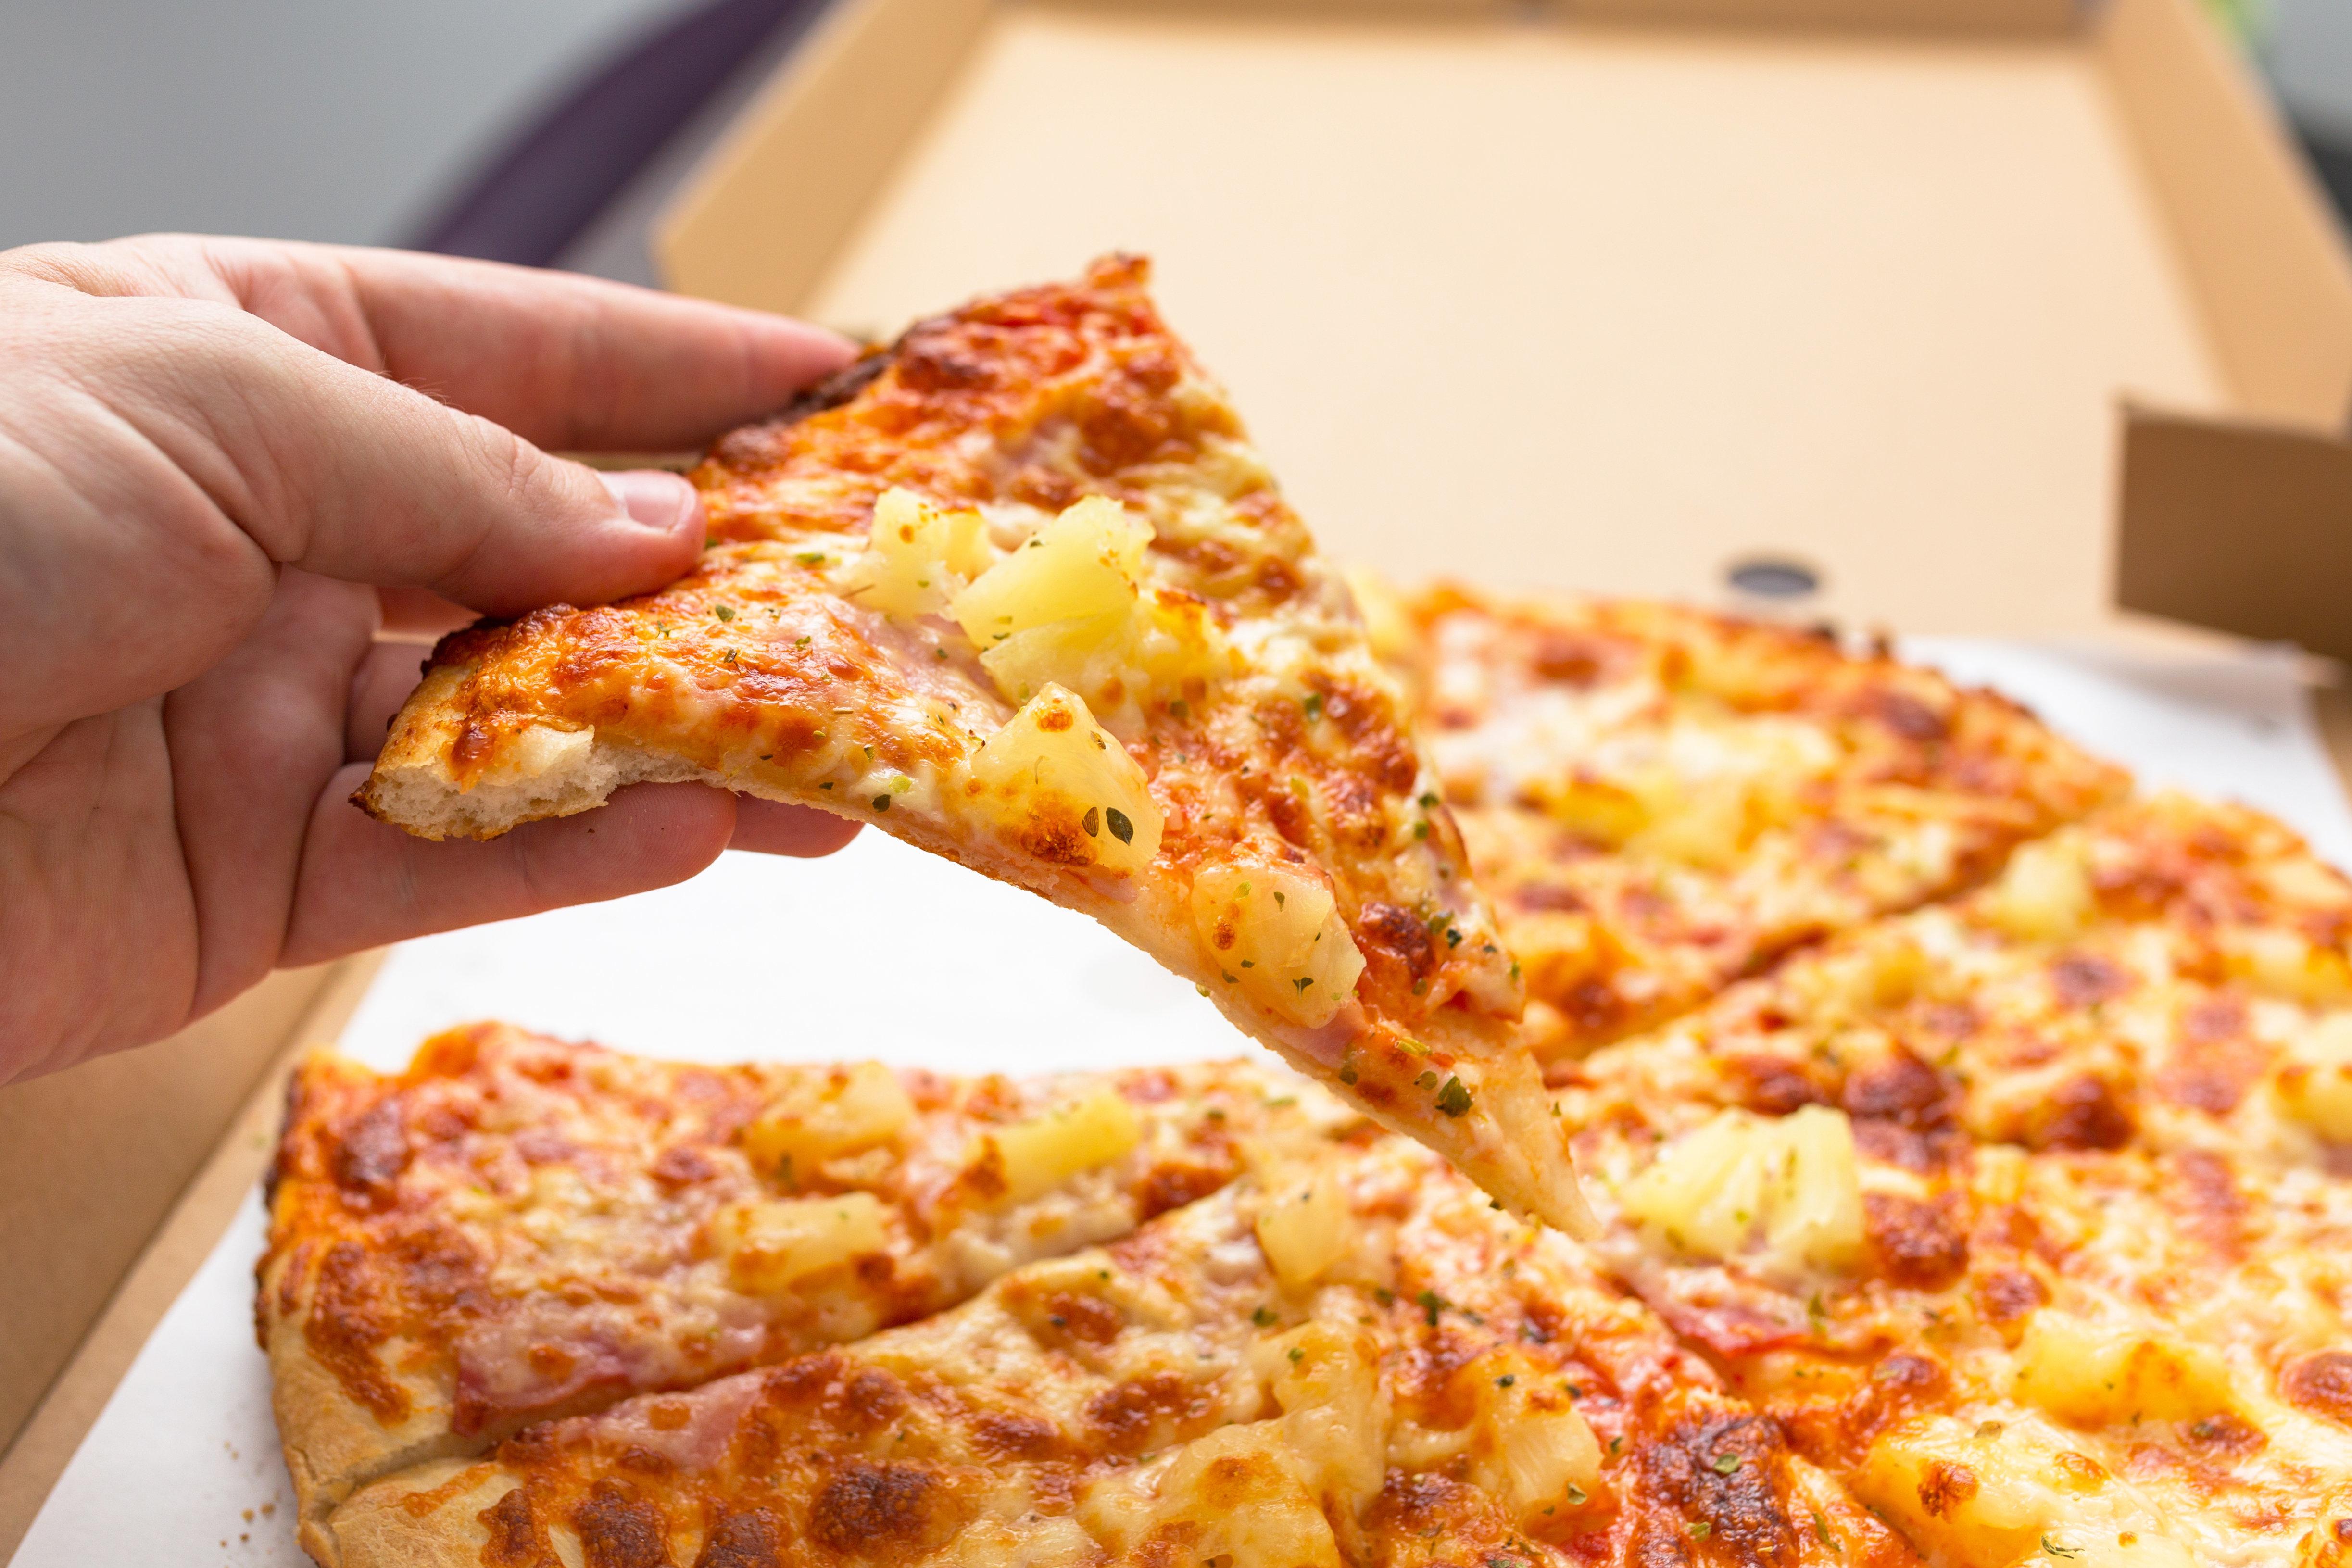 스웨덴에는 '파인애플 피자'보다 난이도 높은 과일 피자가